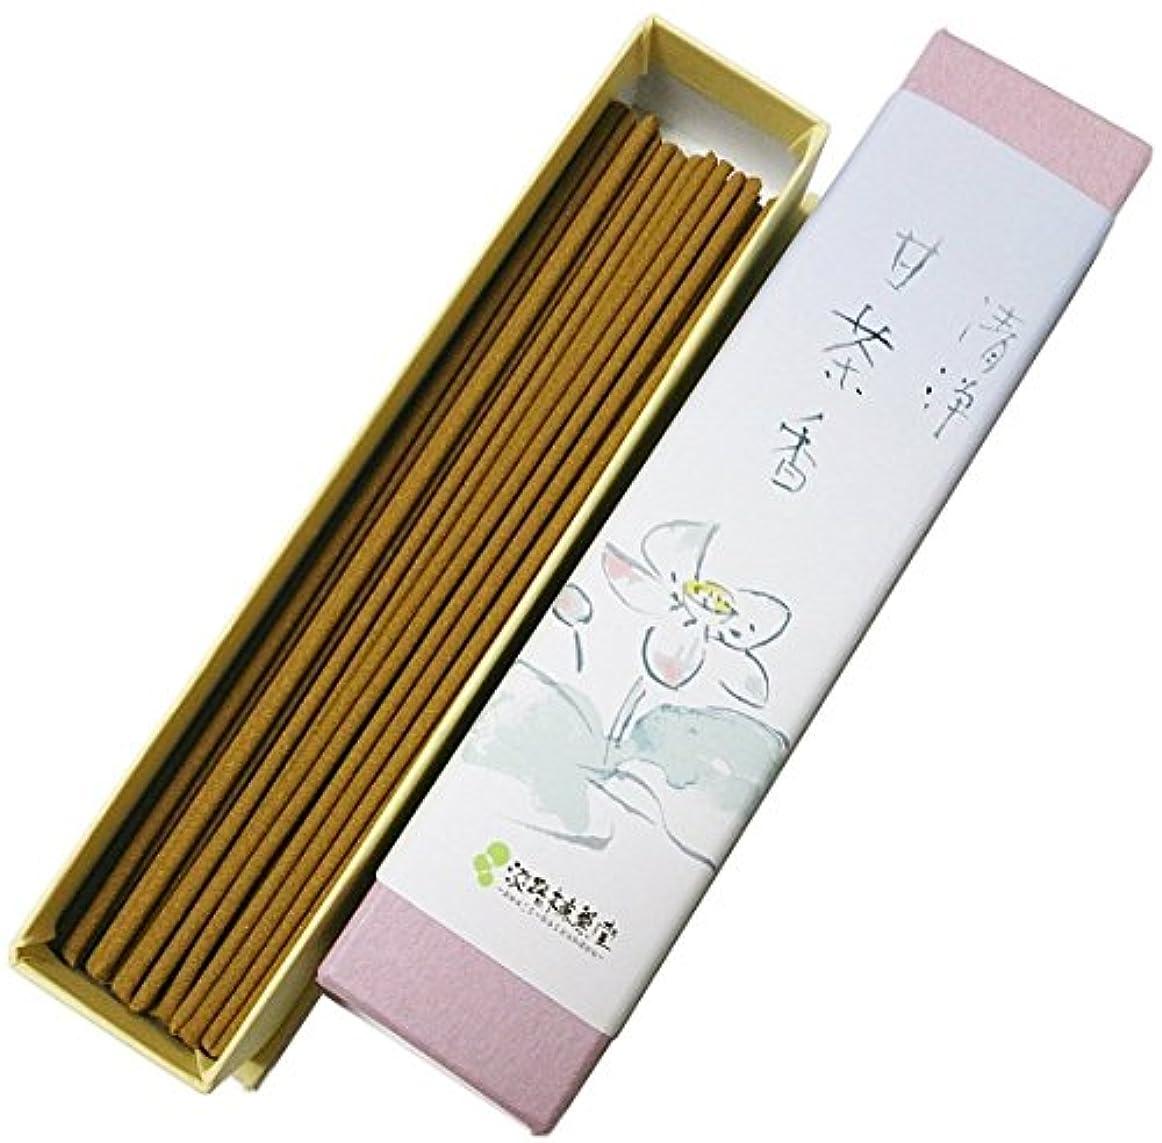 マーベル生きているまだら淡路梅薫堂の浄化お香 清浄甘茶香 18g #31 ×200 japanese incense sticks